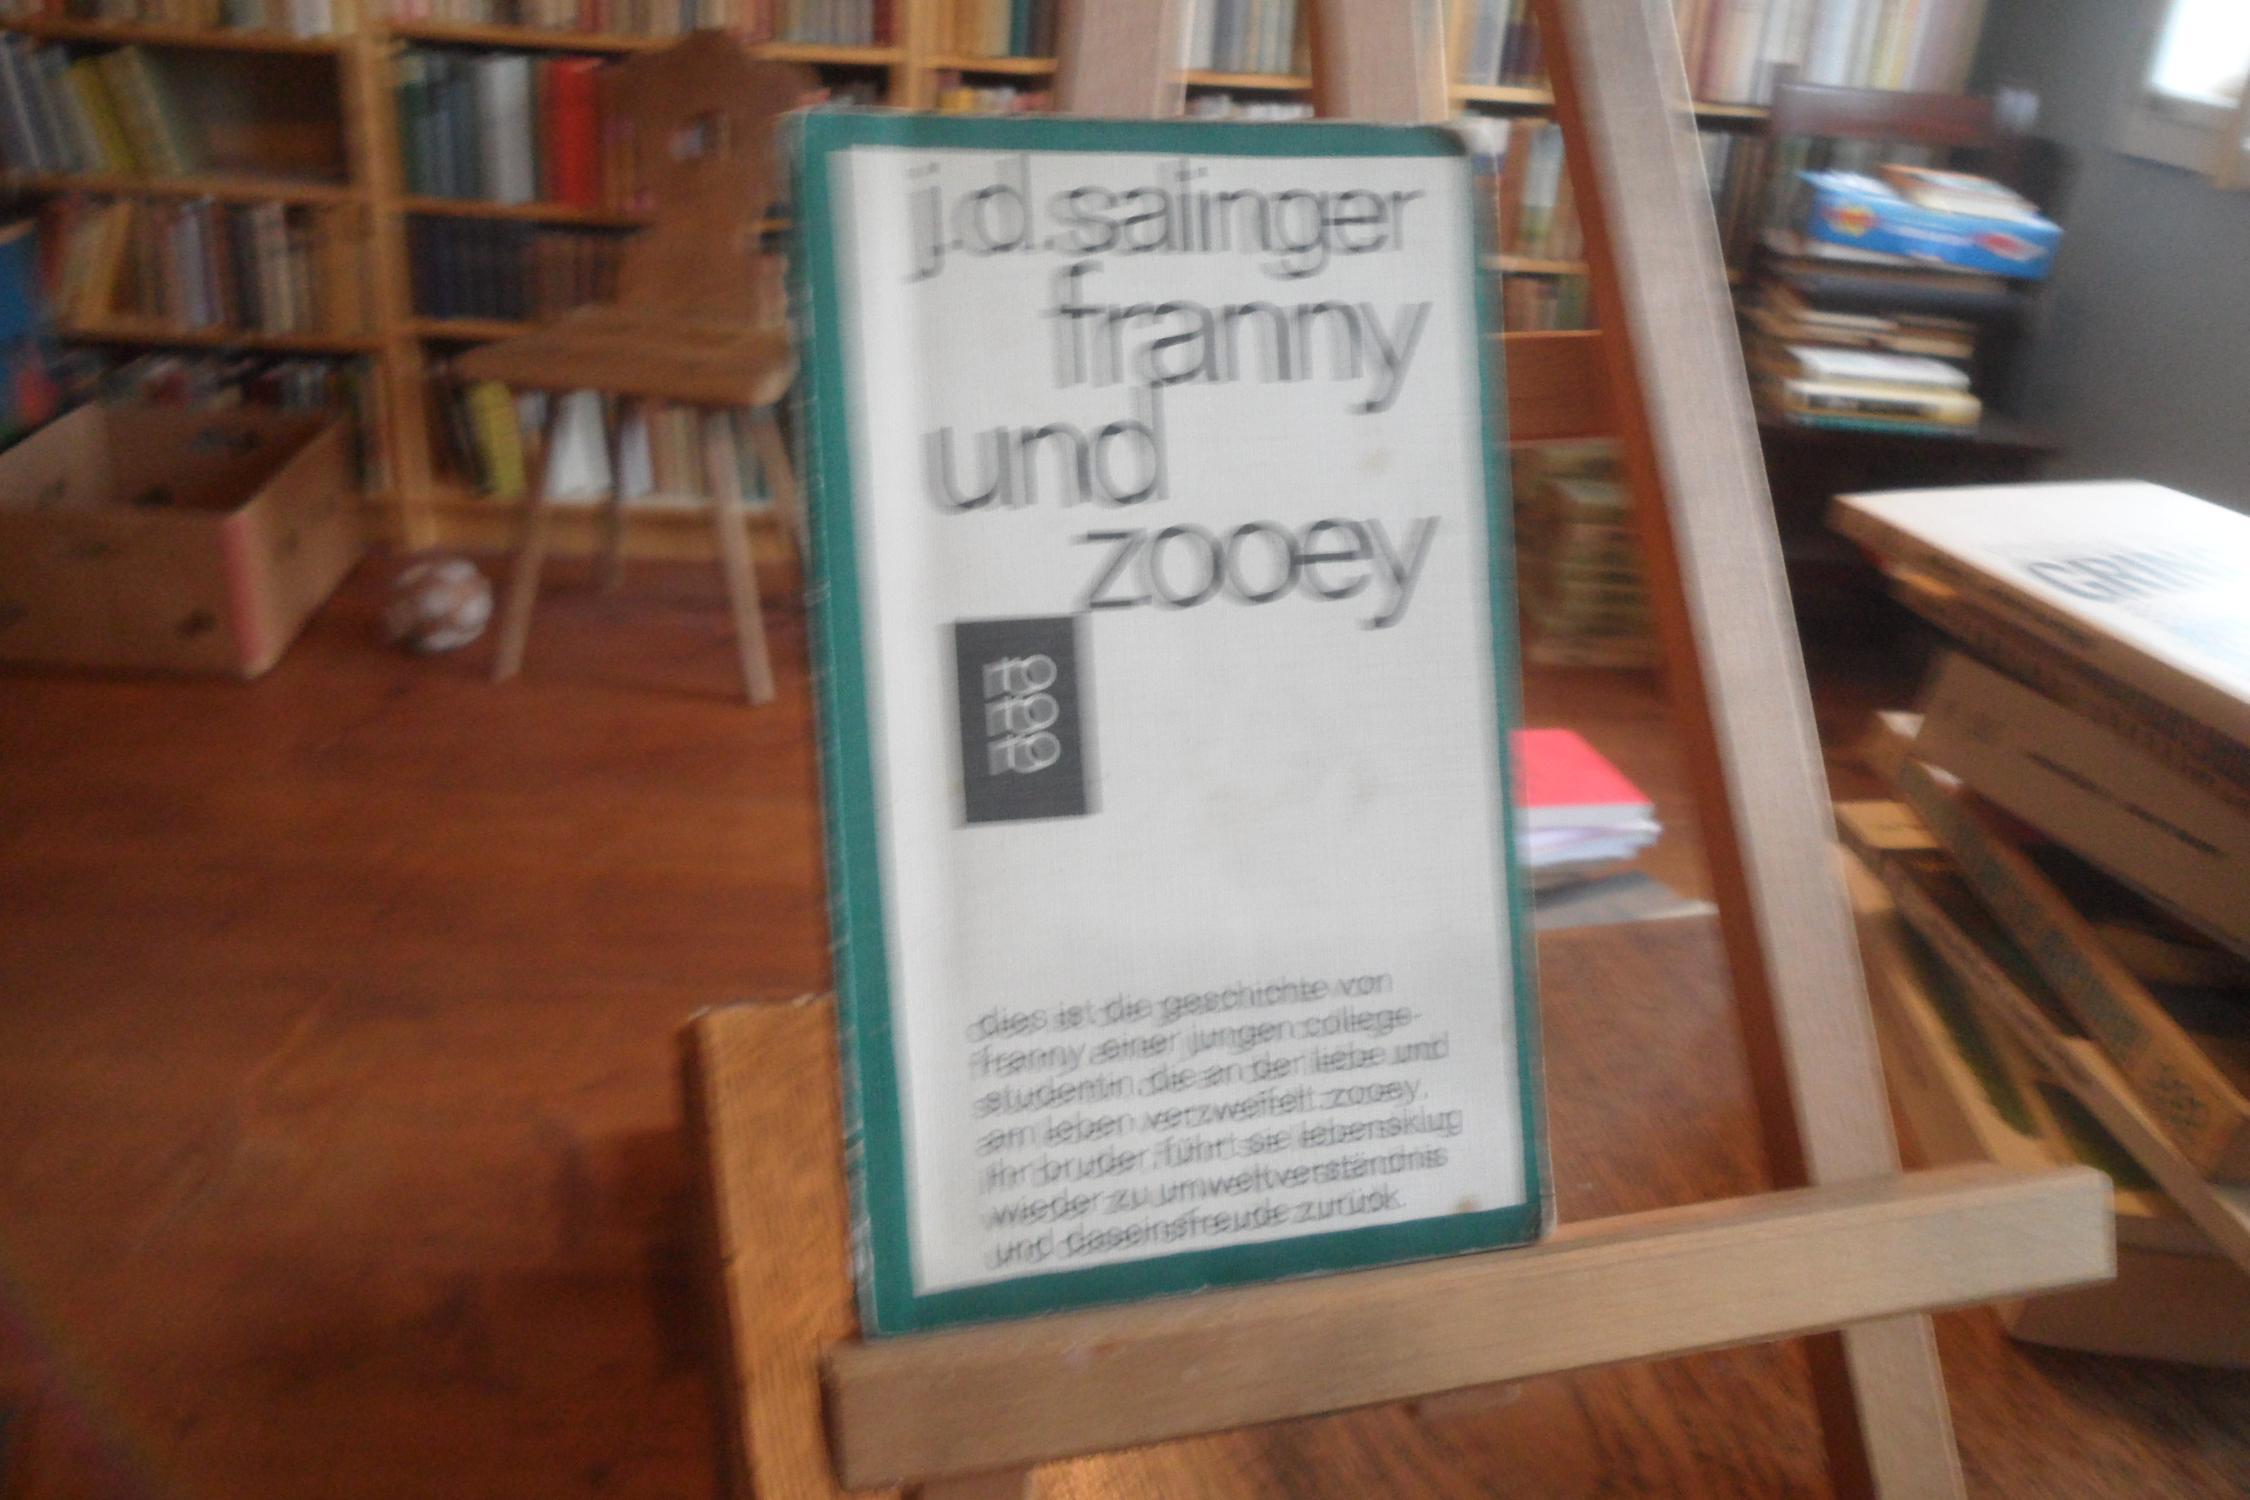 franny und zooey.: Salinger, J. D.: